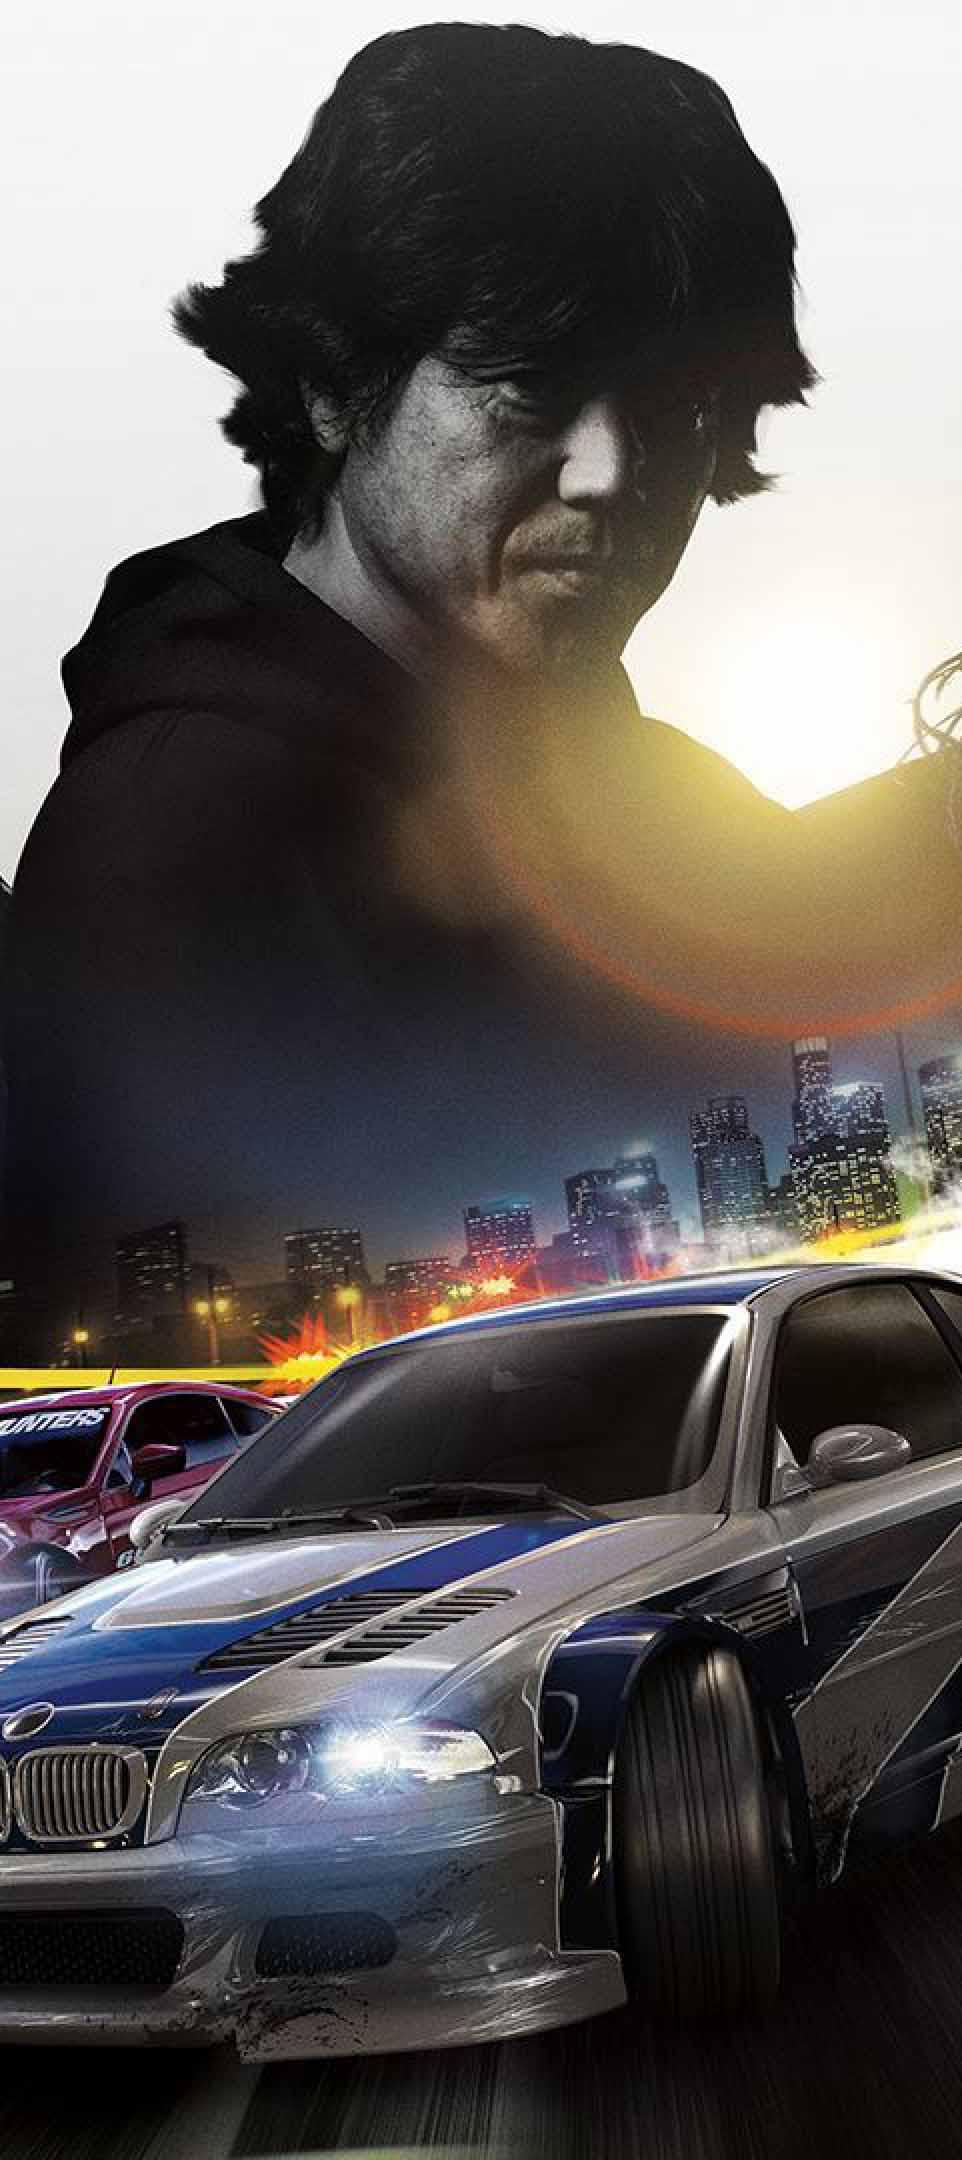 La saga de velocidad Need for Speed vuelve al mundo de la noche con un título de mundo abierto y amplias opciones de personalización para vehículos, en una aventura de cuidada narrativa en torno a la auténtica cultura de la conducción underground.